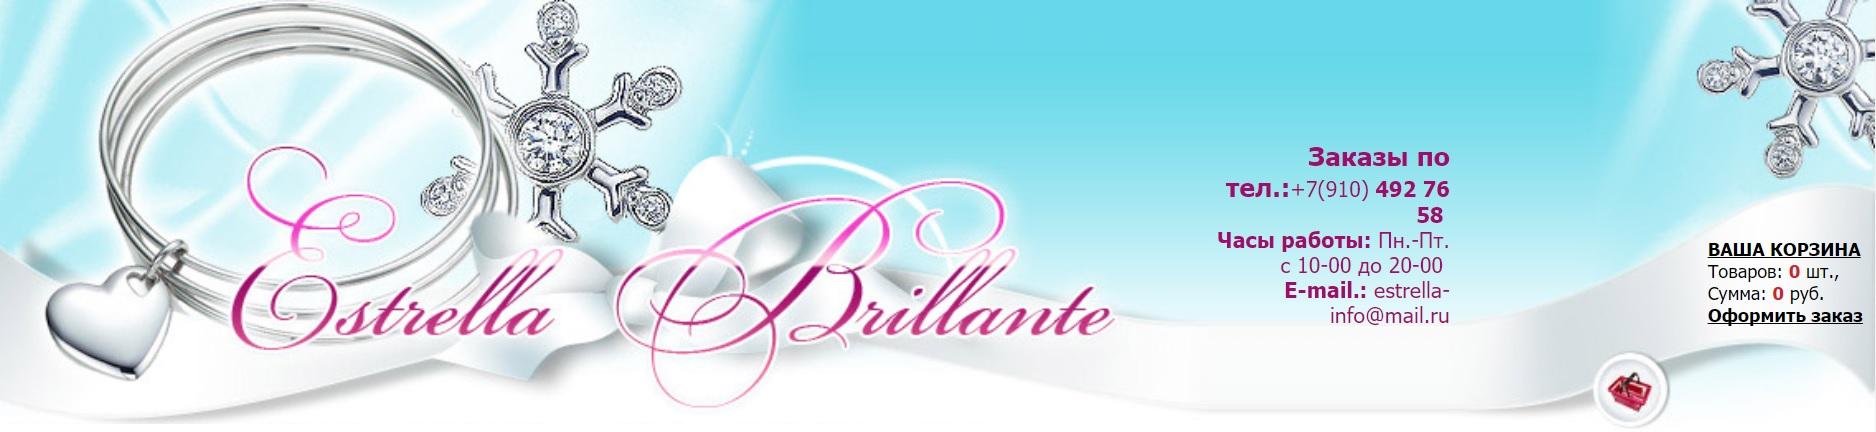 Estrella-Brillante.ru — лучшее предложение ювелирных украшений